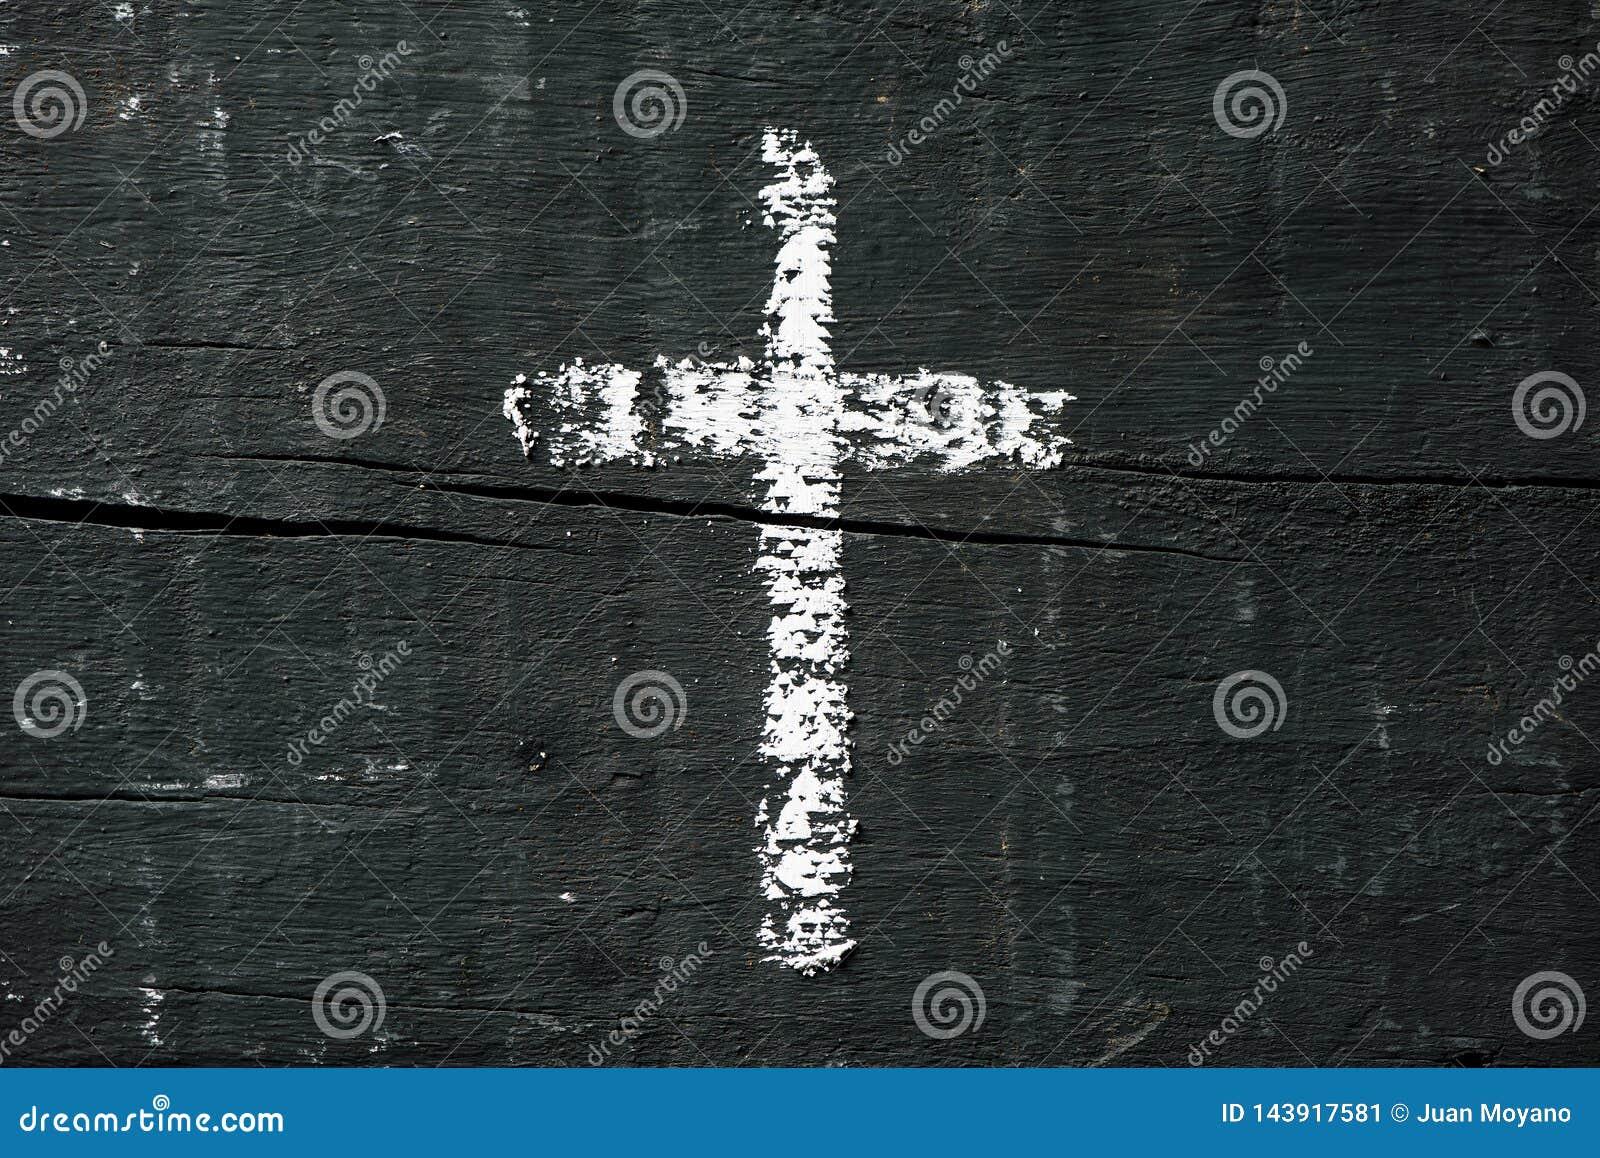 Christliches Kreuz auf einer dunkelgrauen Holzoberfläche